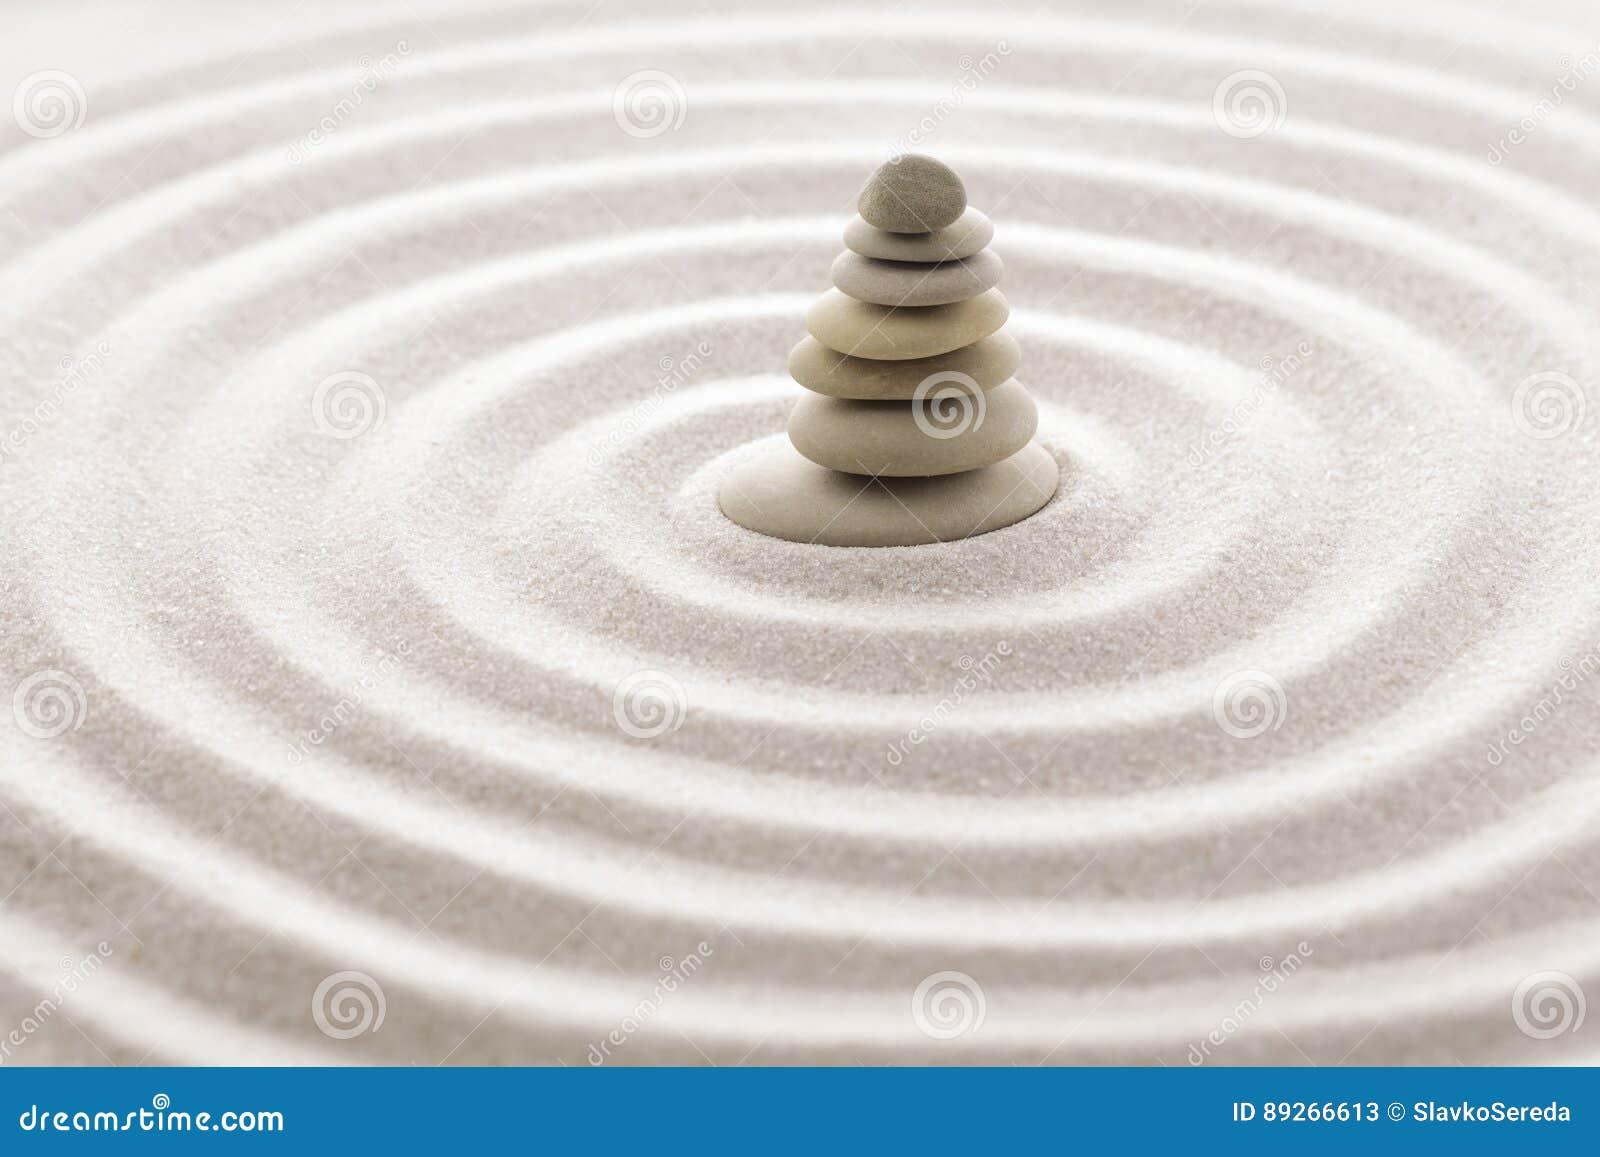 Японский камень раздумья сада Дзэн для песка концентрации и релаксации и утес для сработанности и баланс в чисто простоте - m